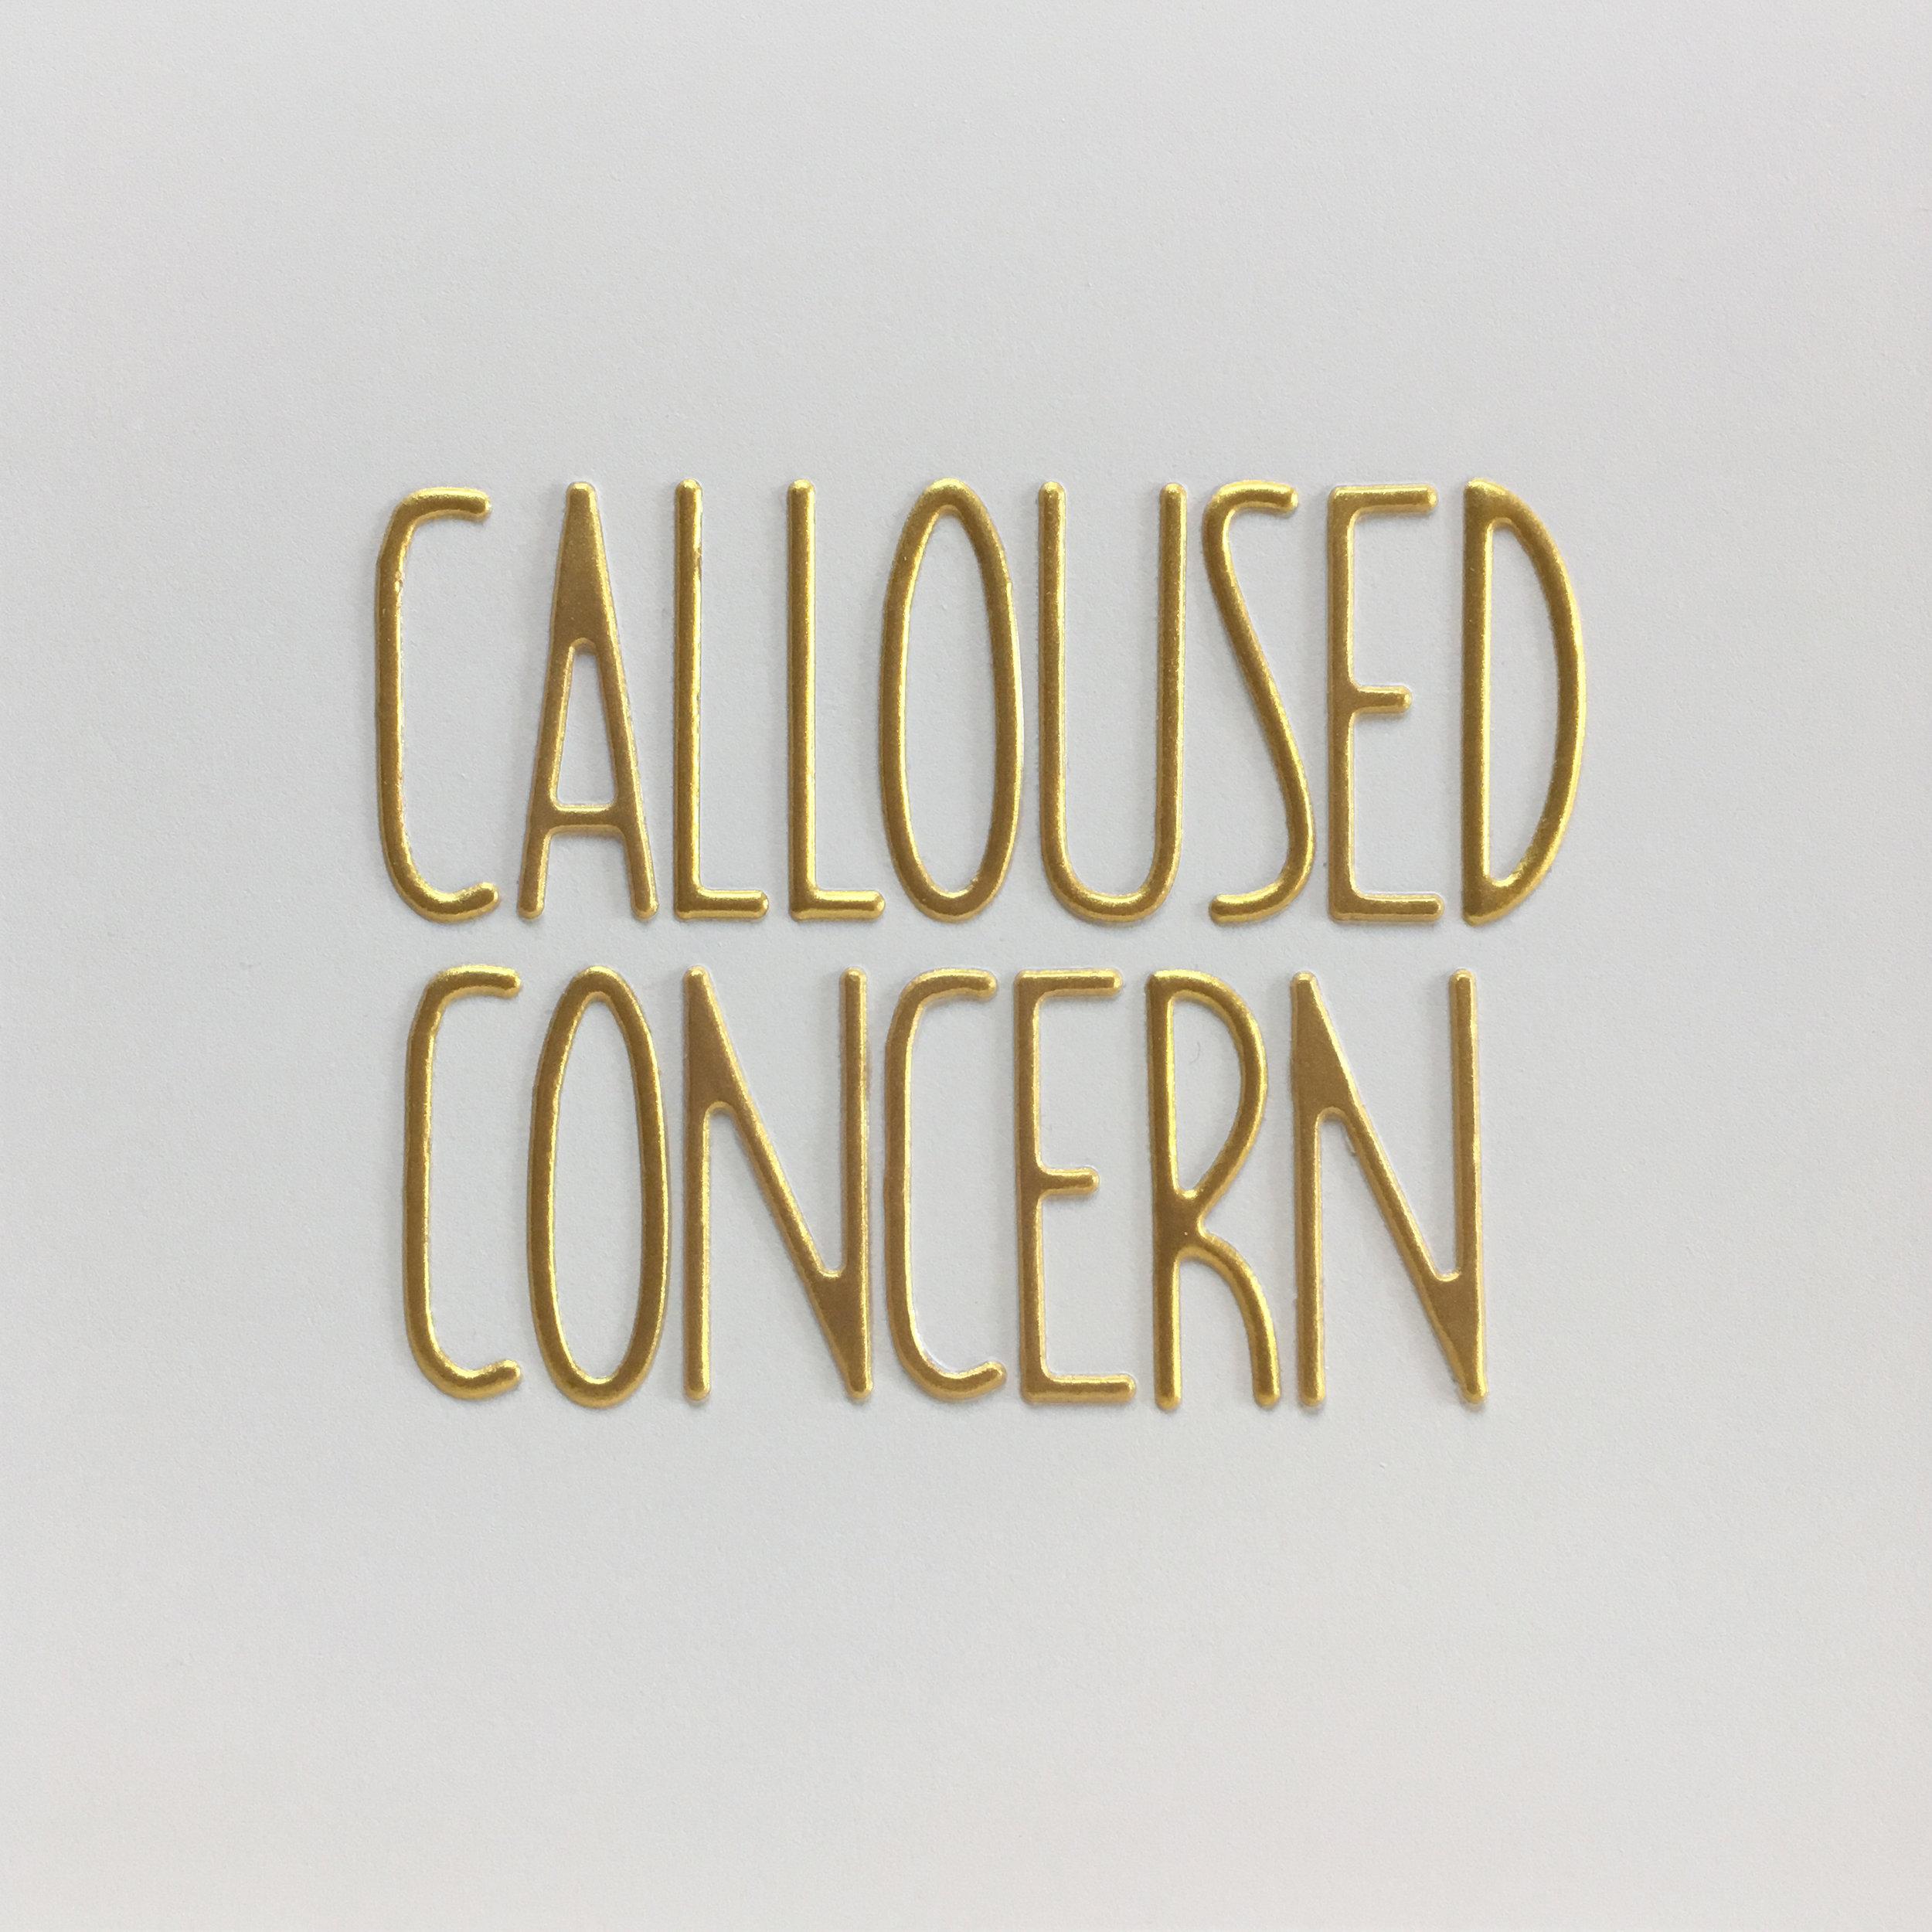 calloused concern.jpg